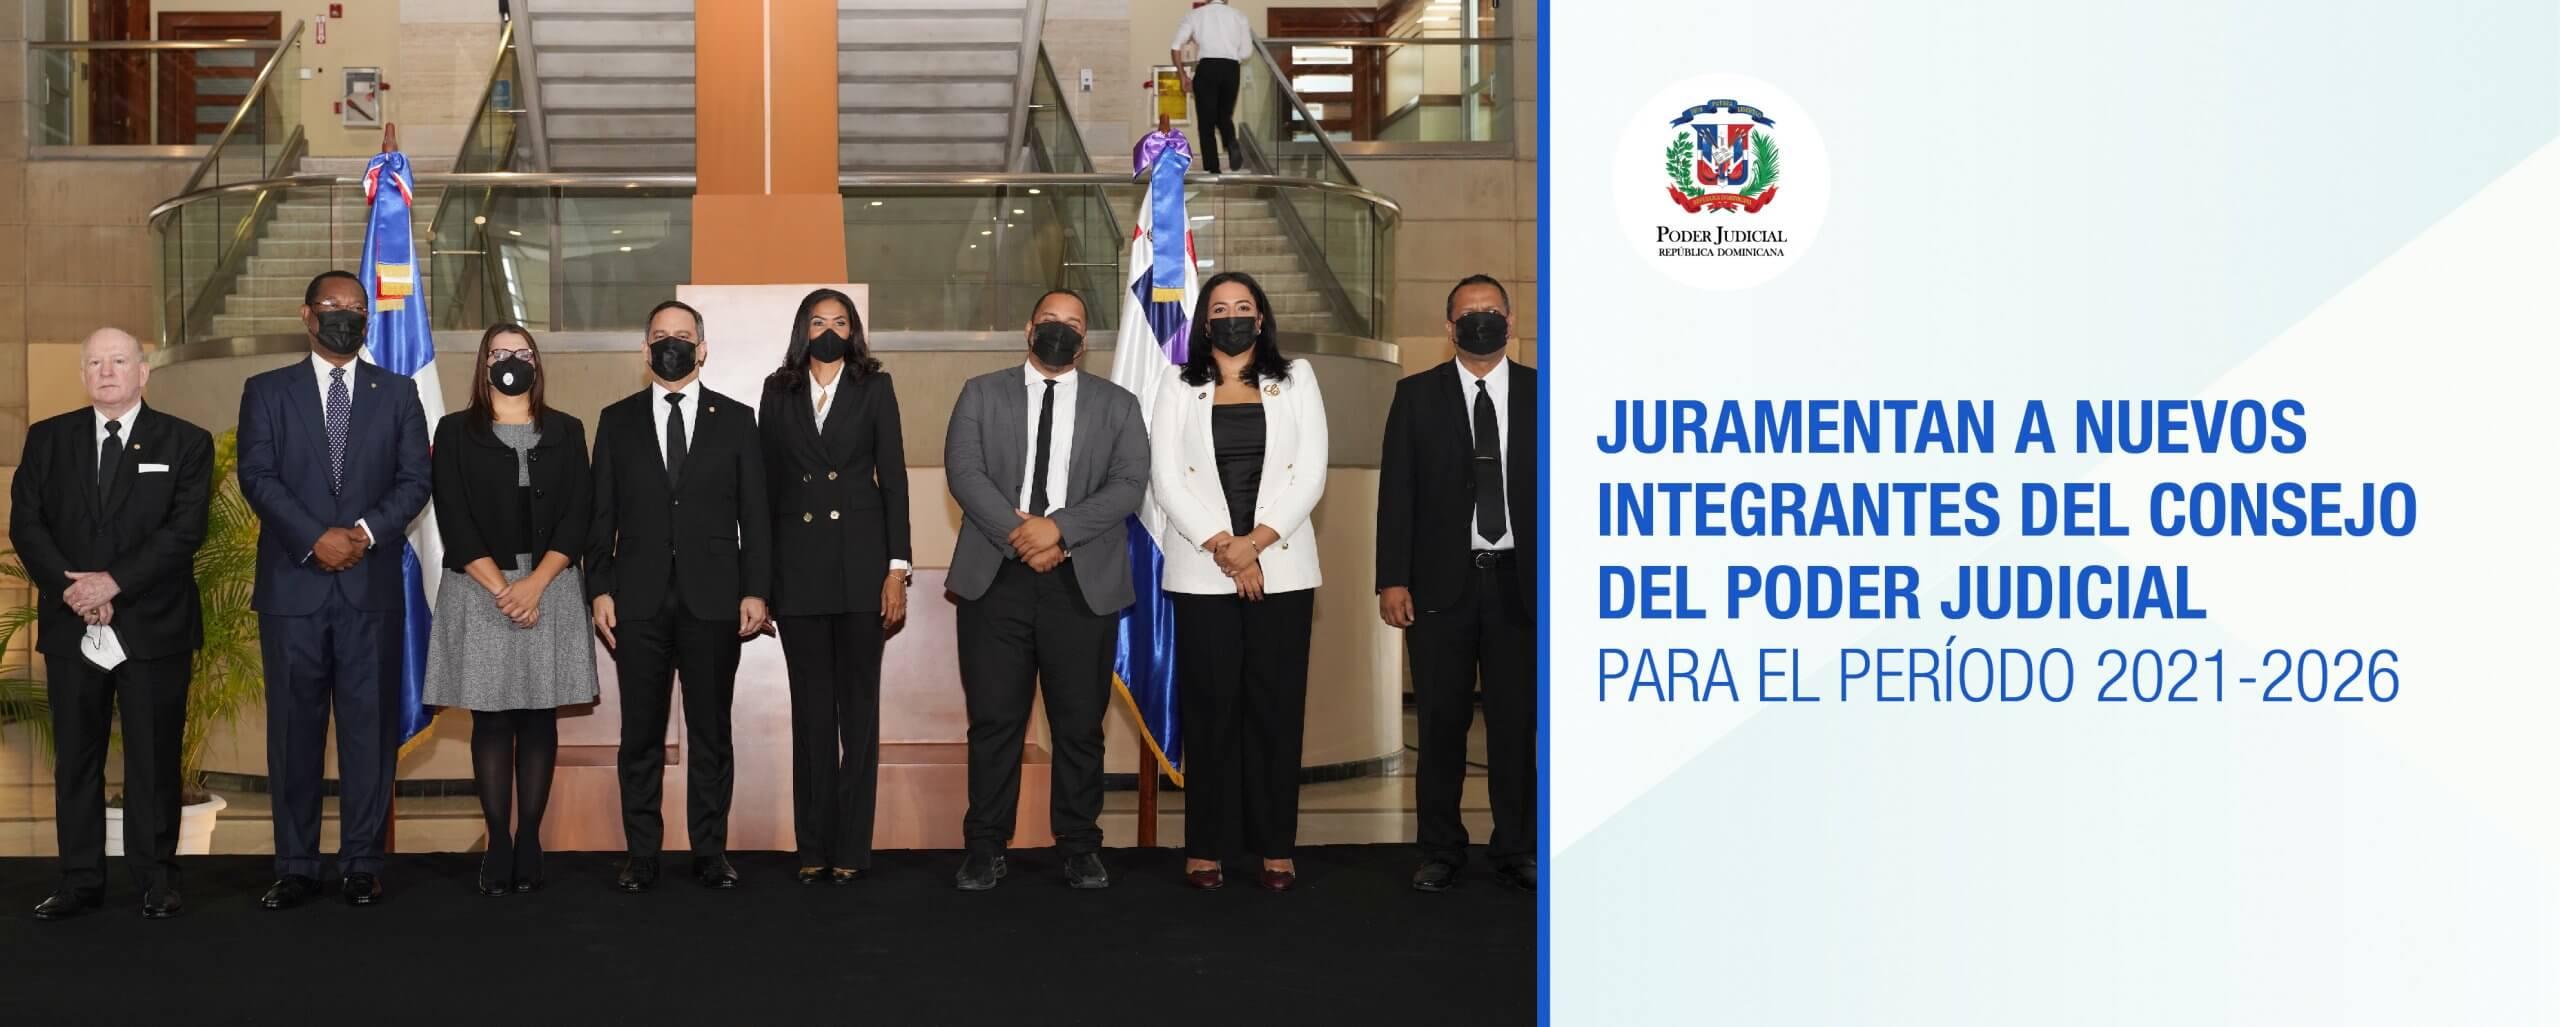 Juramentan a nuevos integrantes del Consejo del Poder Judicial para el período 2021-2026